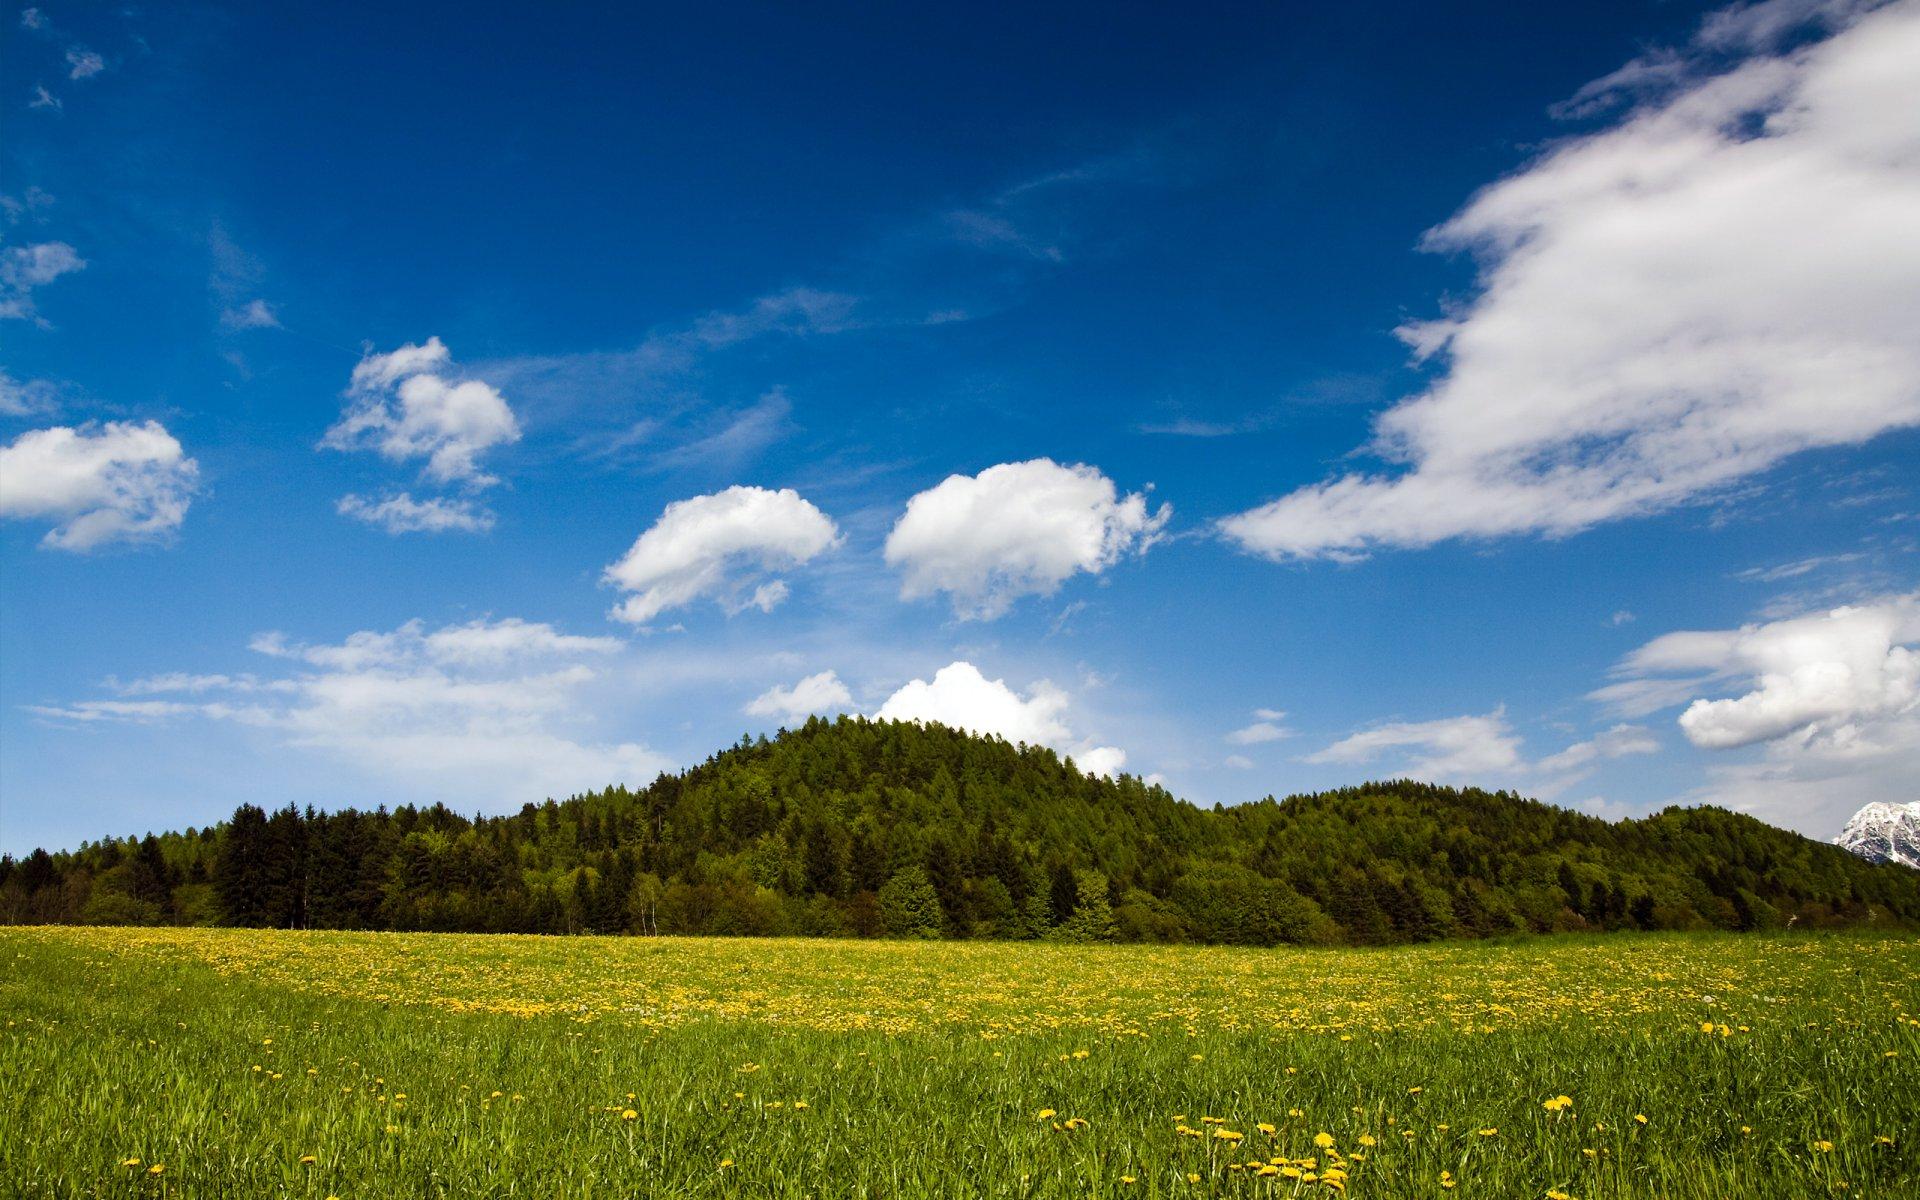 зелень лето поле лес greens summer field forest скачать